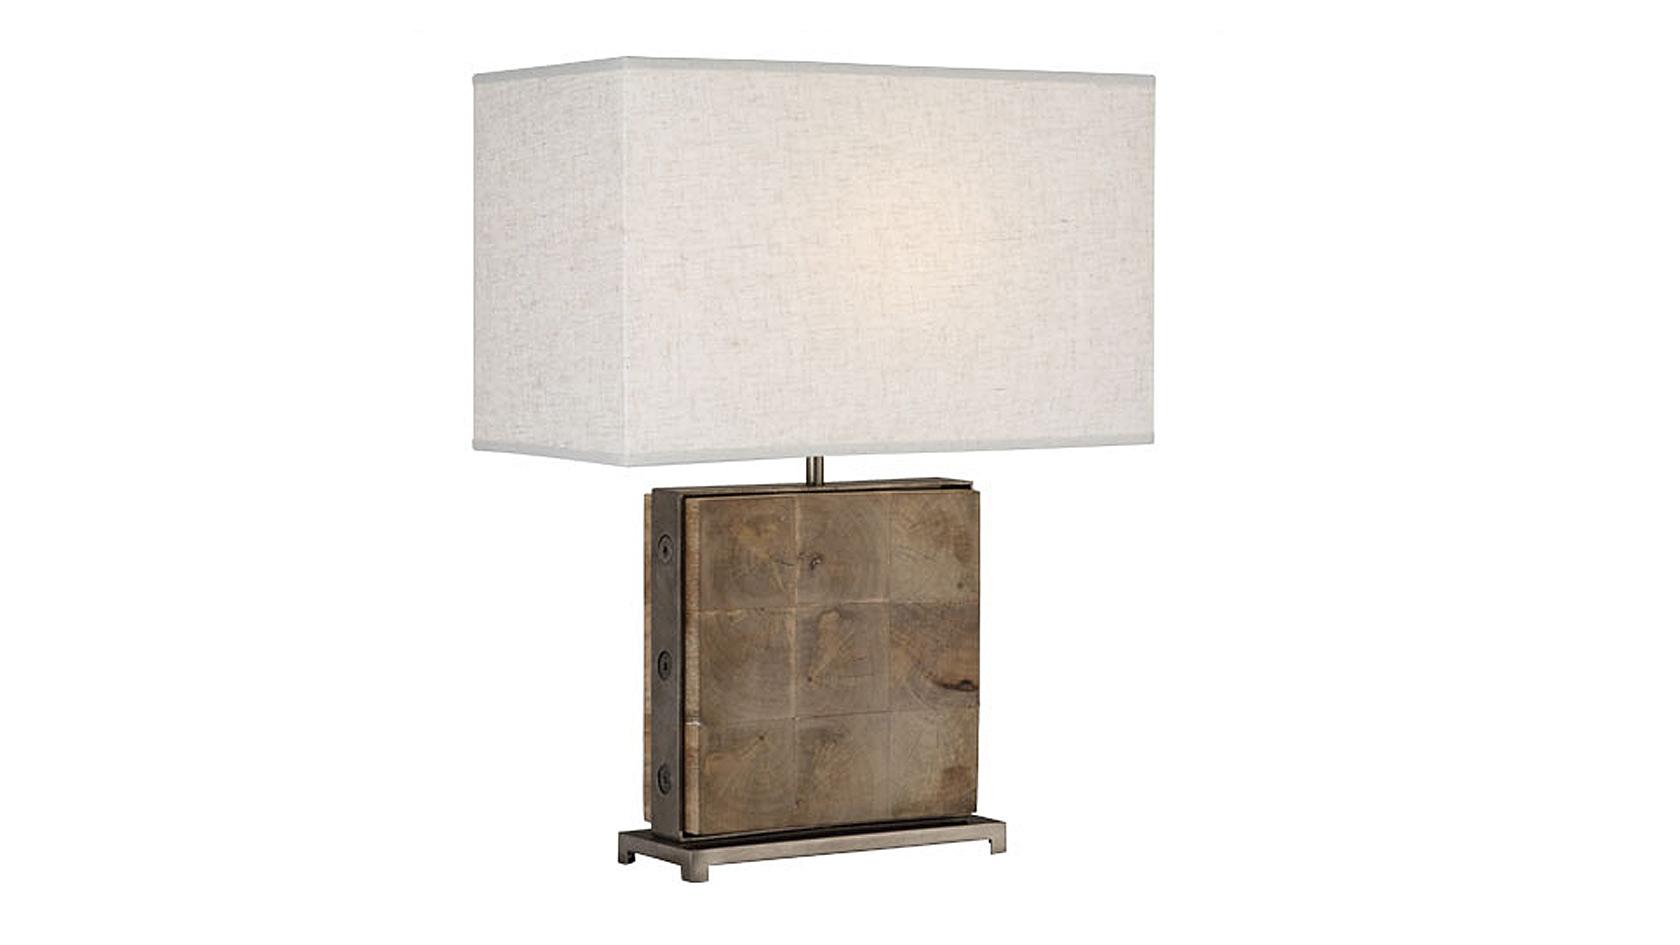 unfinished furniture frames for upholstery trend home. Black Bedroom Furniture Sets. Home Design Ideas